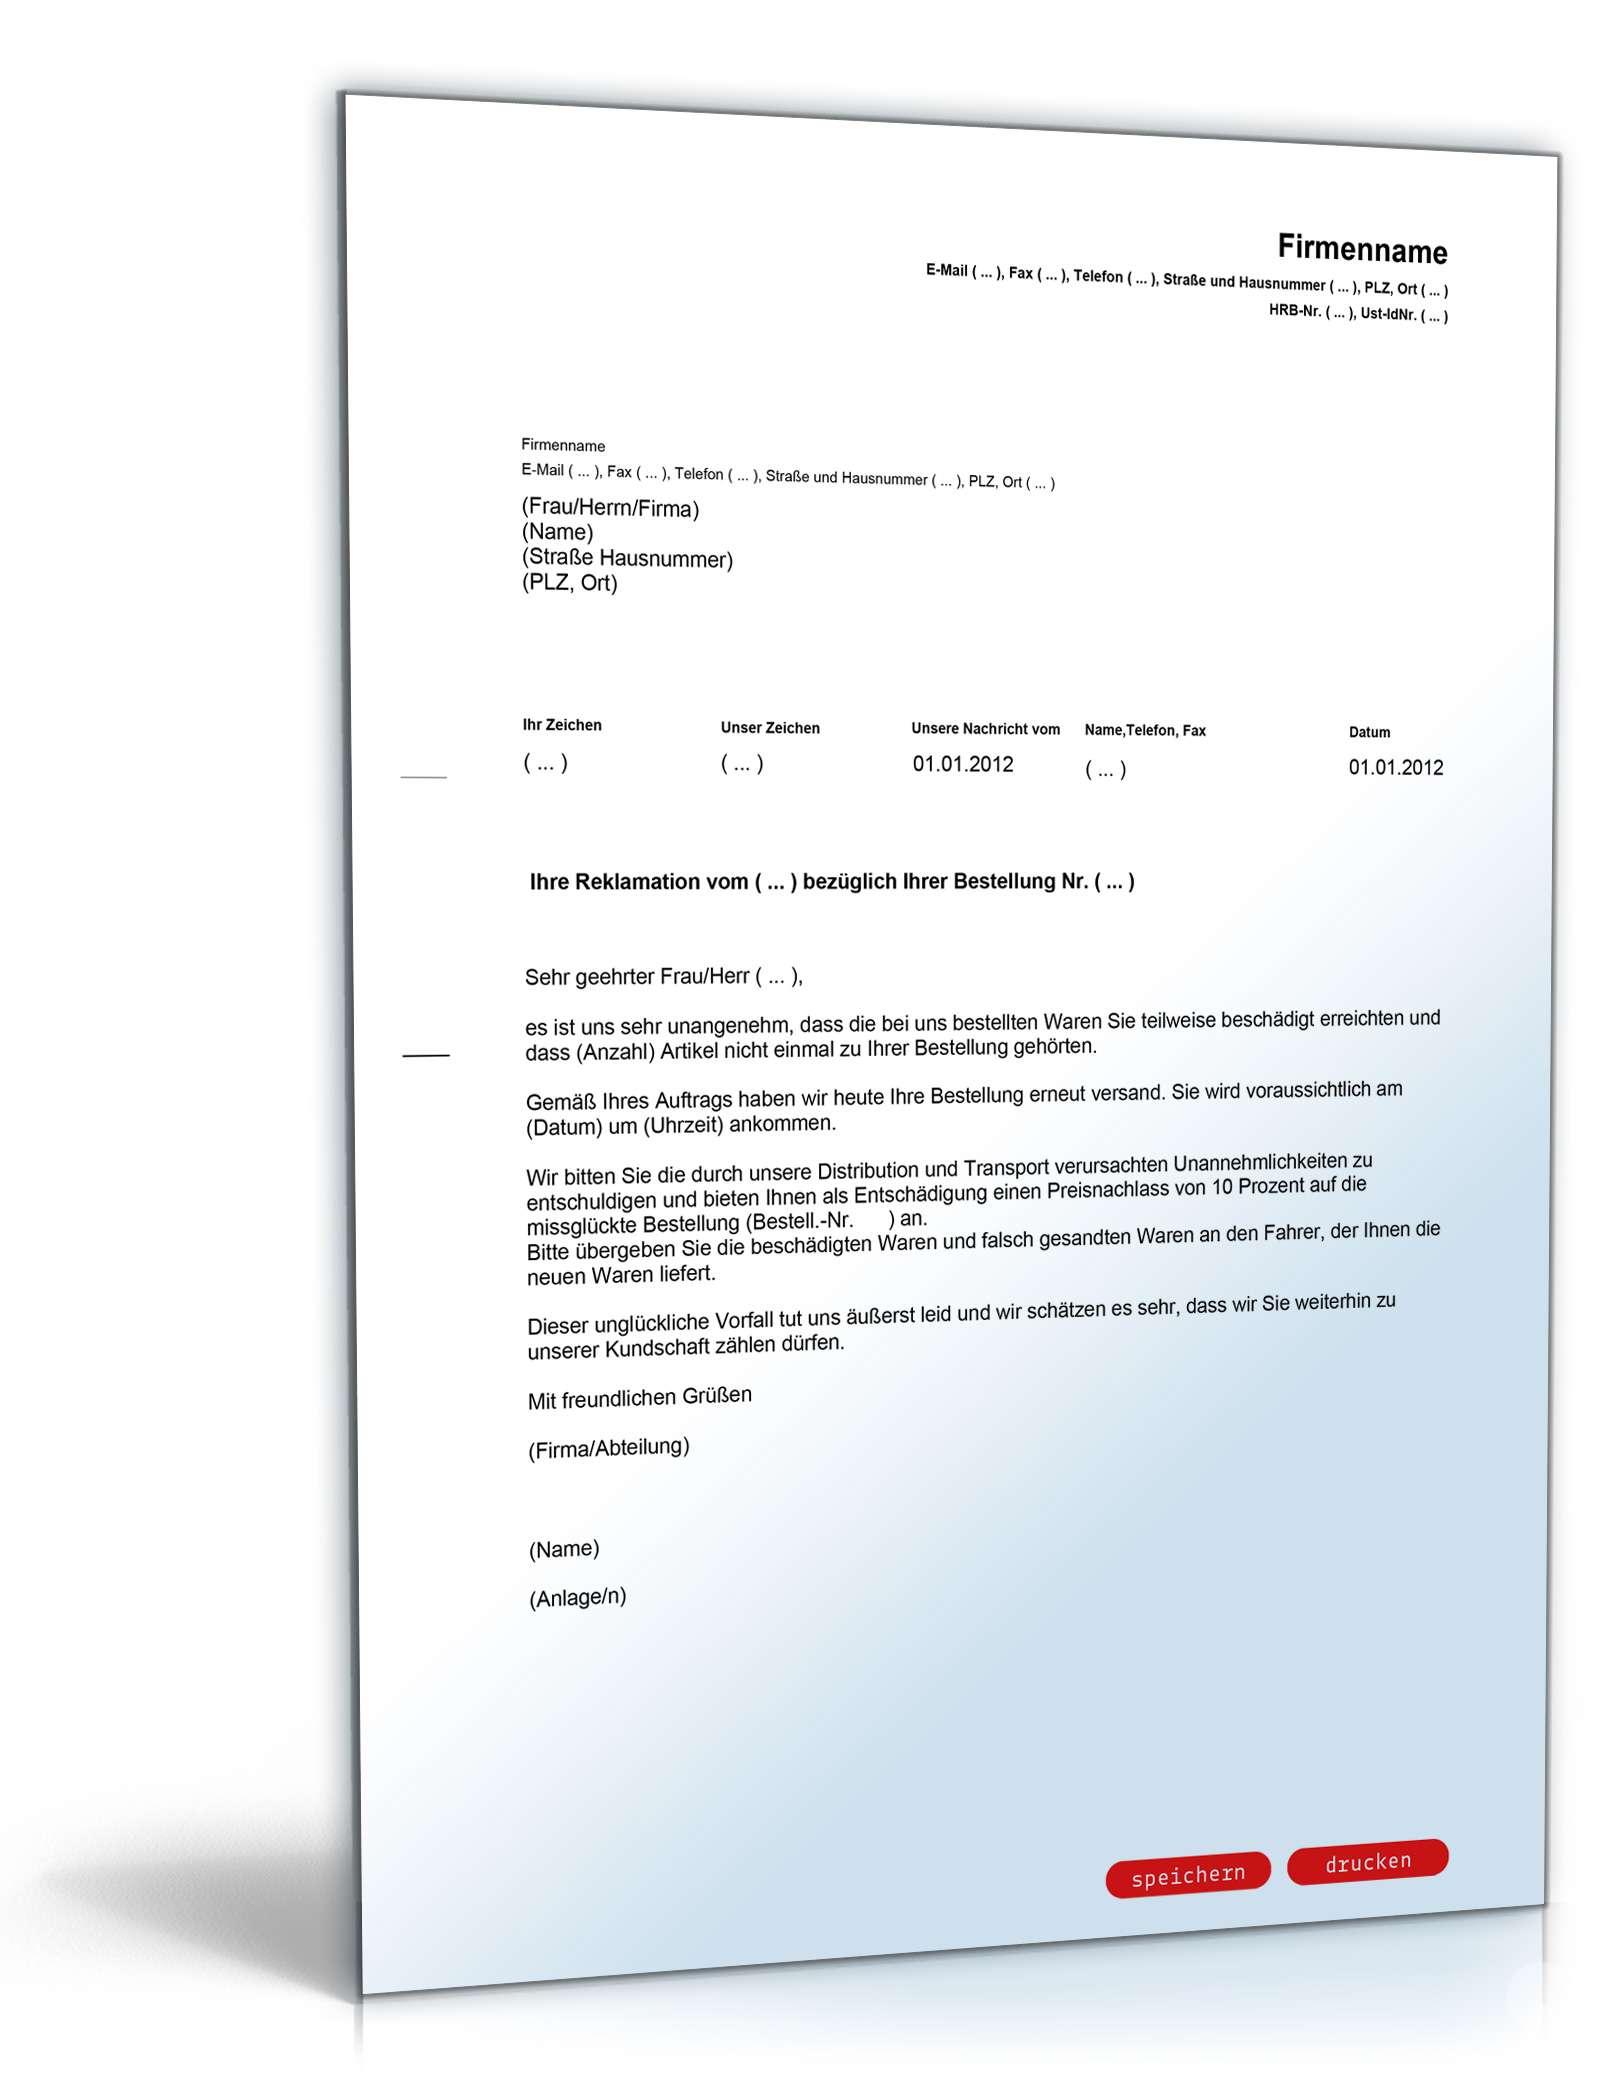 Musterbriefe Reklamationen Beantworten : Rabatt angebot nach reklamation englisch deutsch